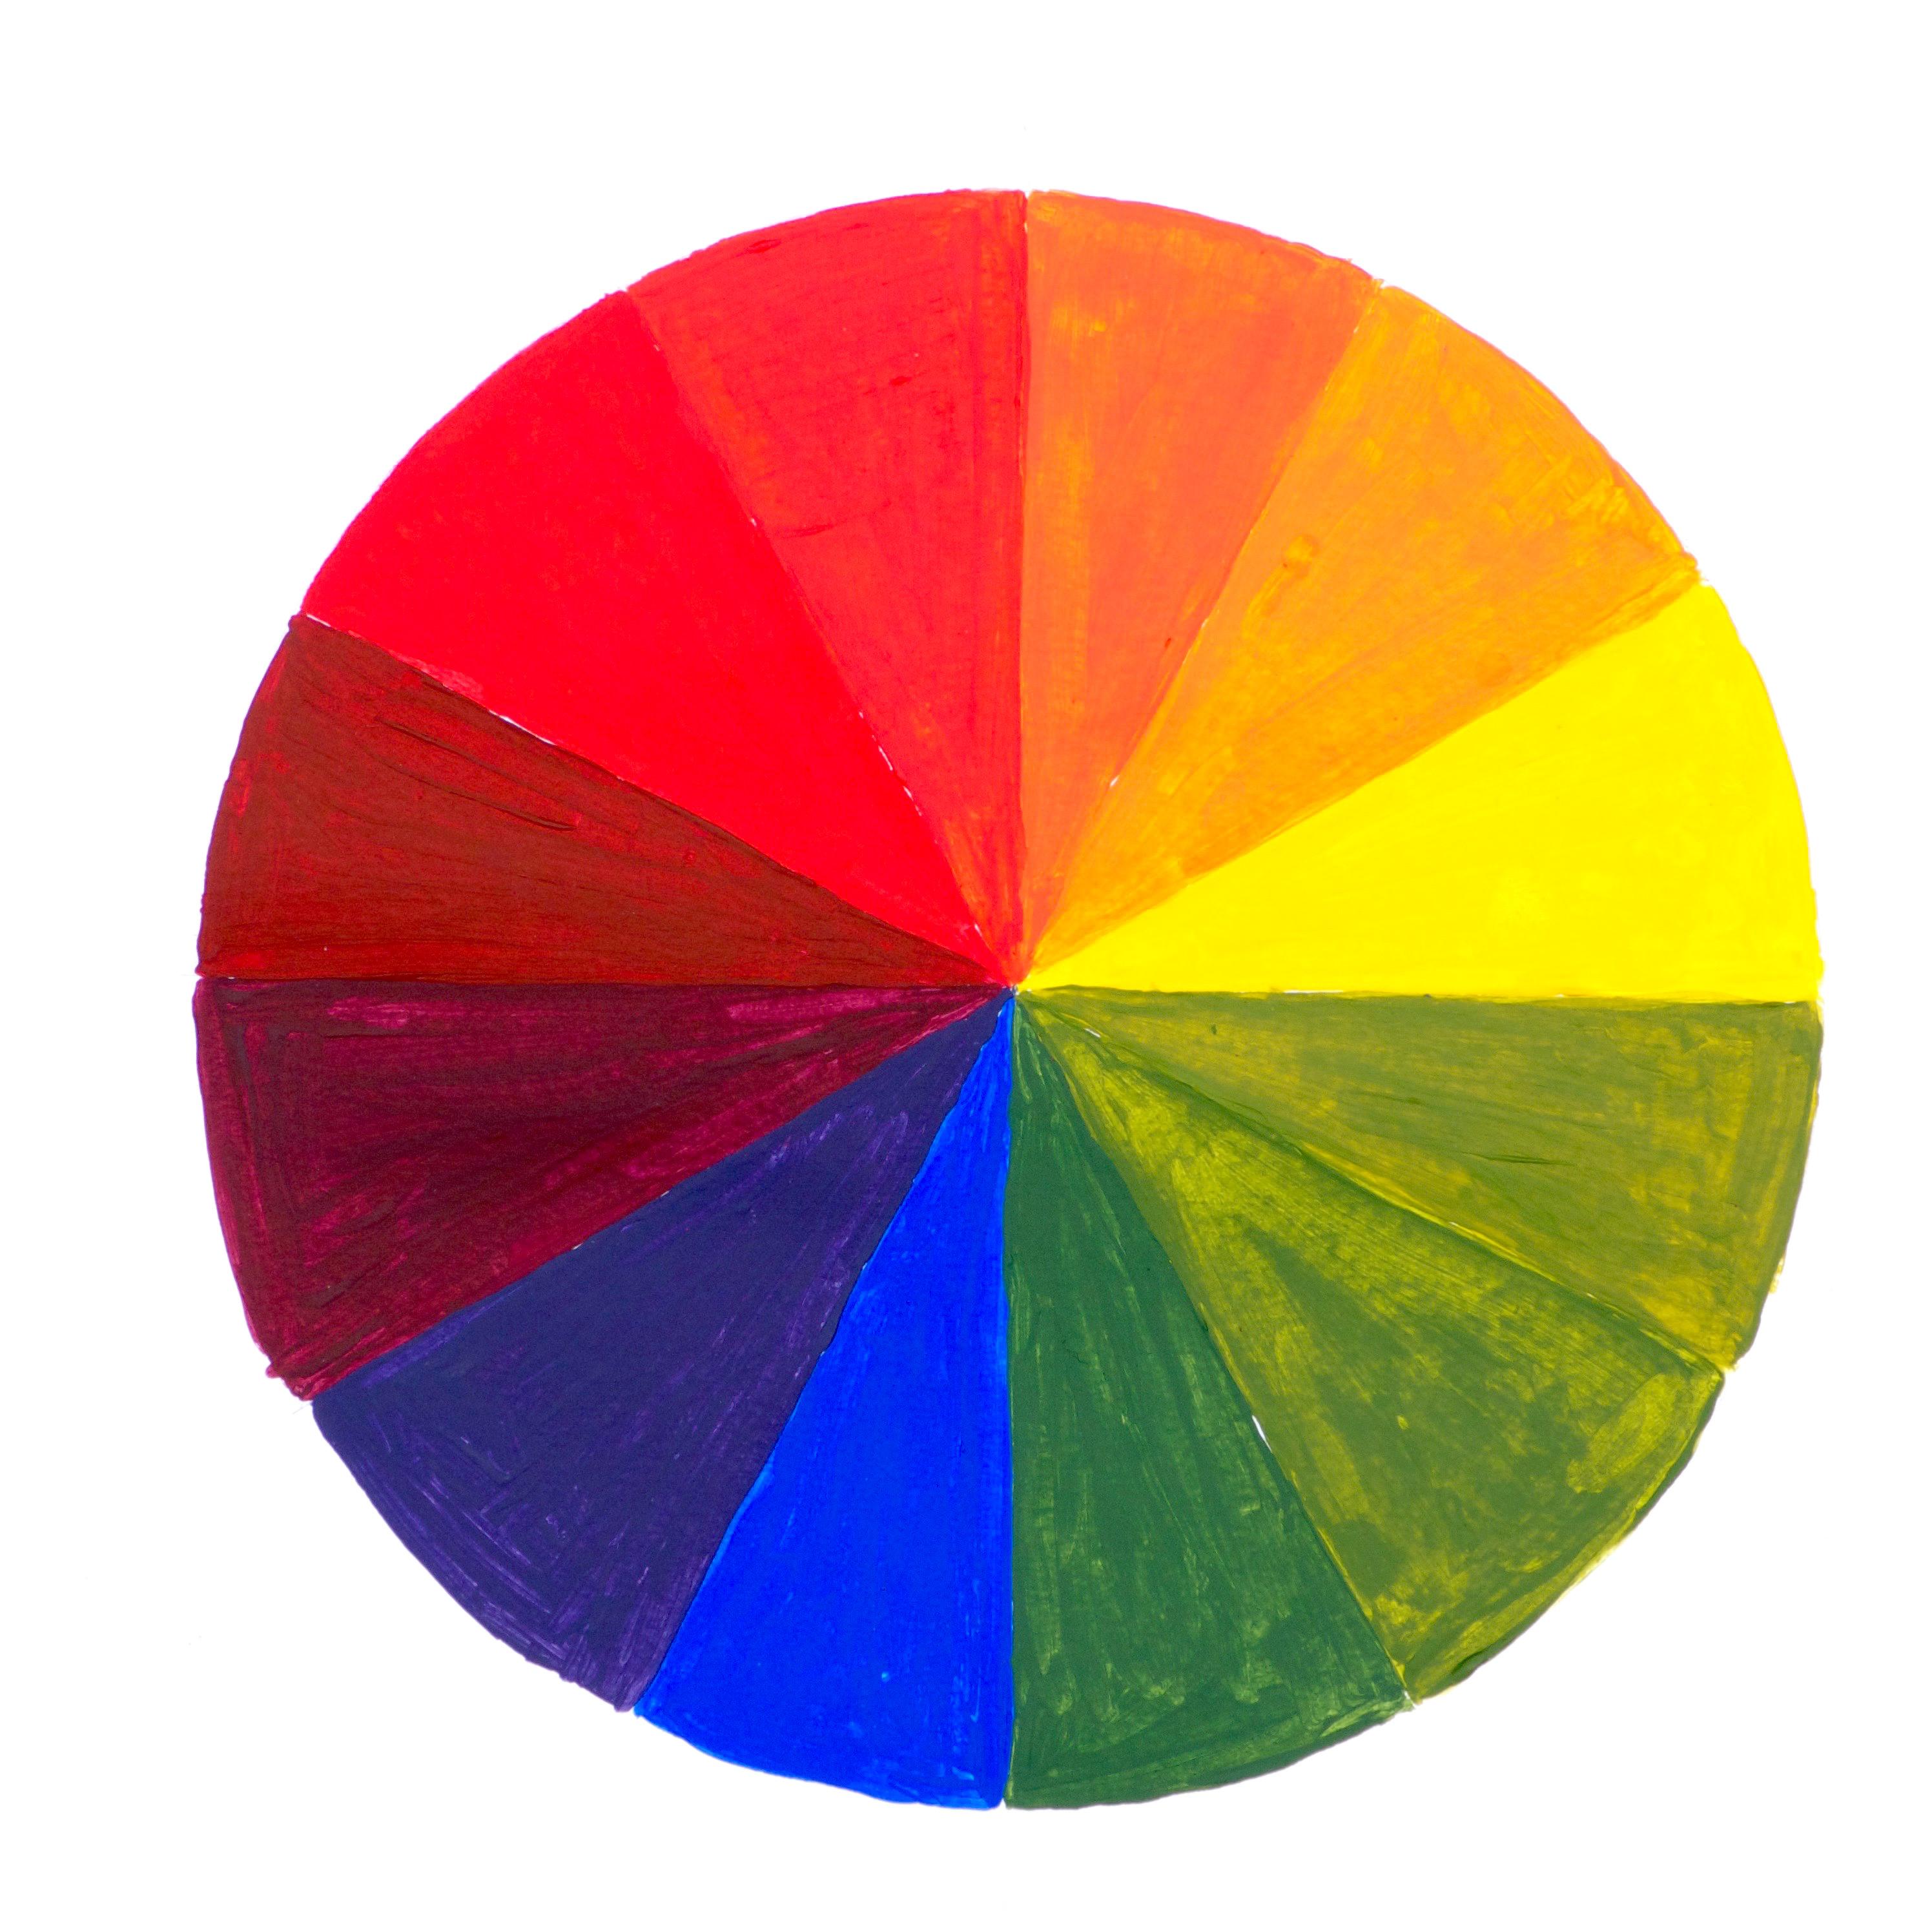 многих картинка разноцветного круга бухту можно, изучив